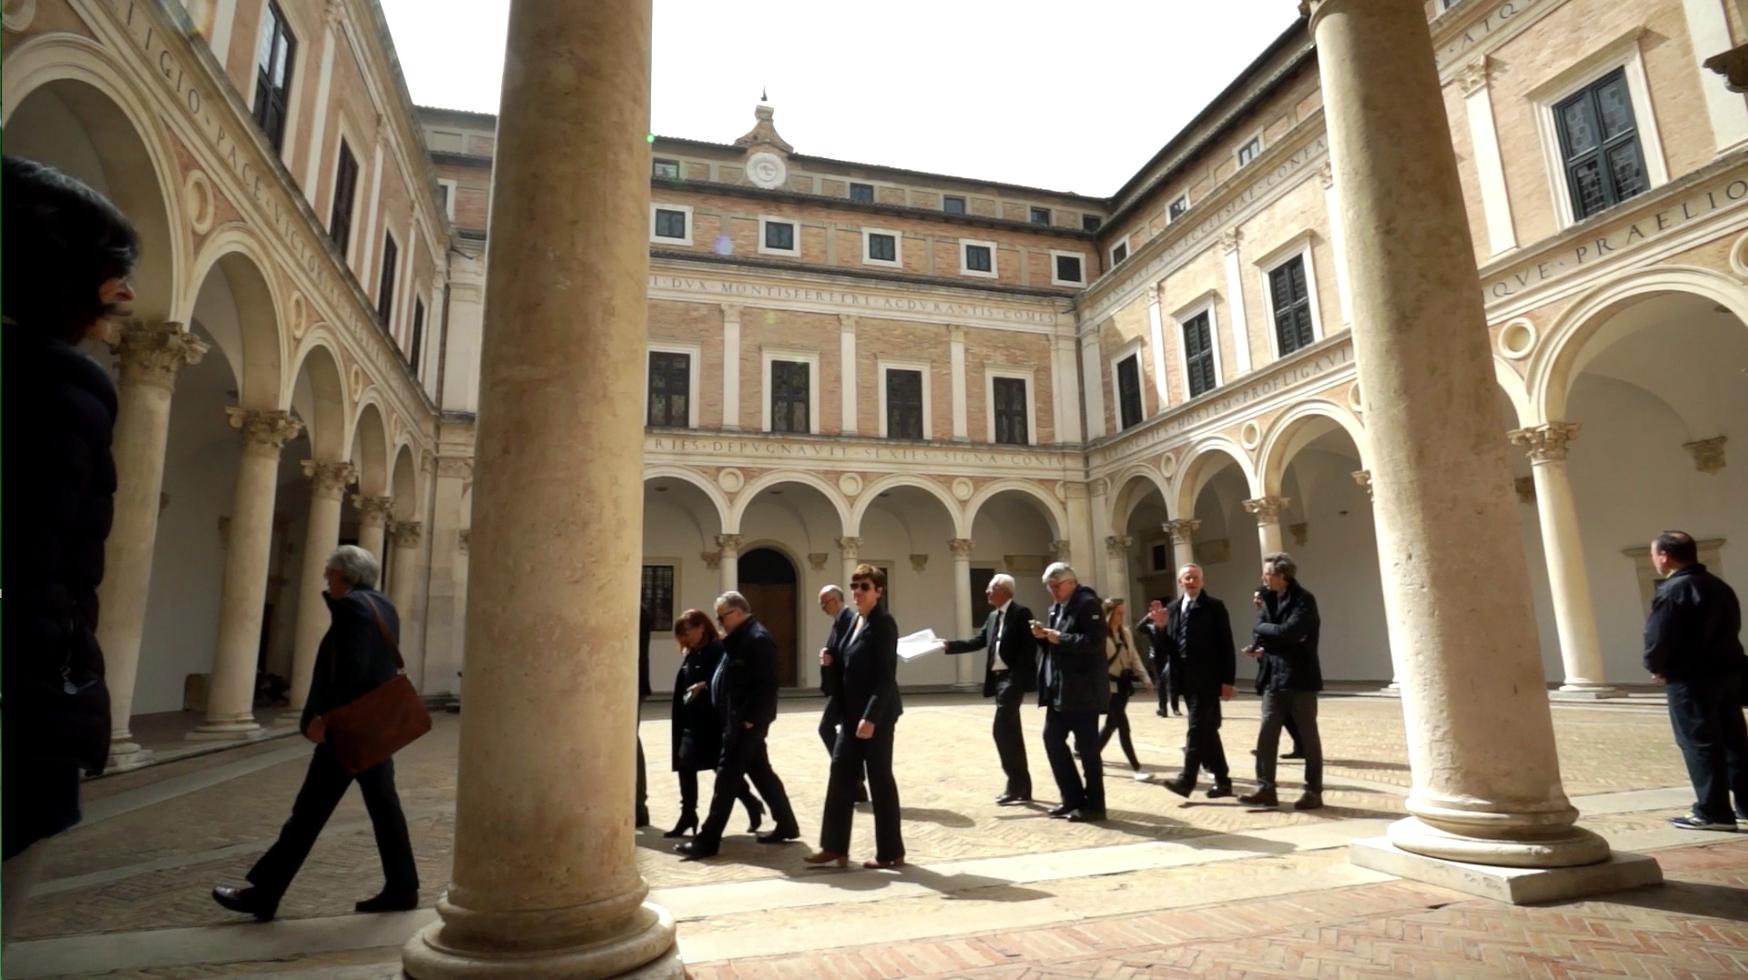 La Giunta CRUI a Urbino. Uniamo intervista il Presidente Manfredi